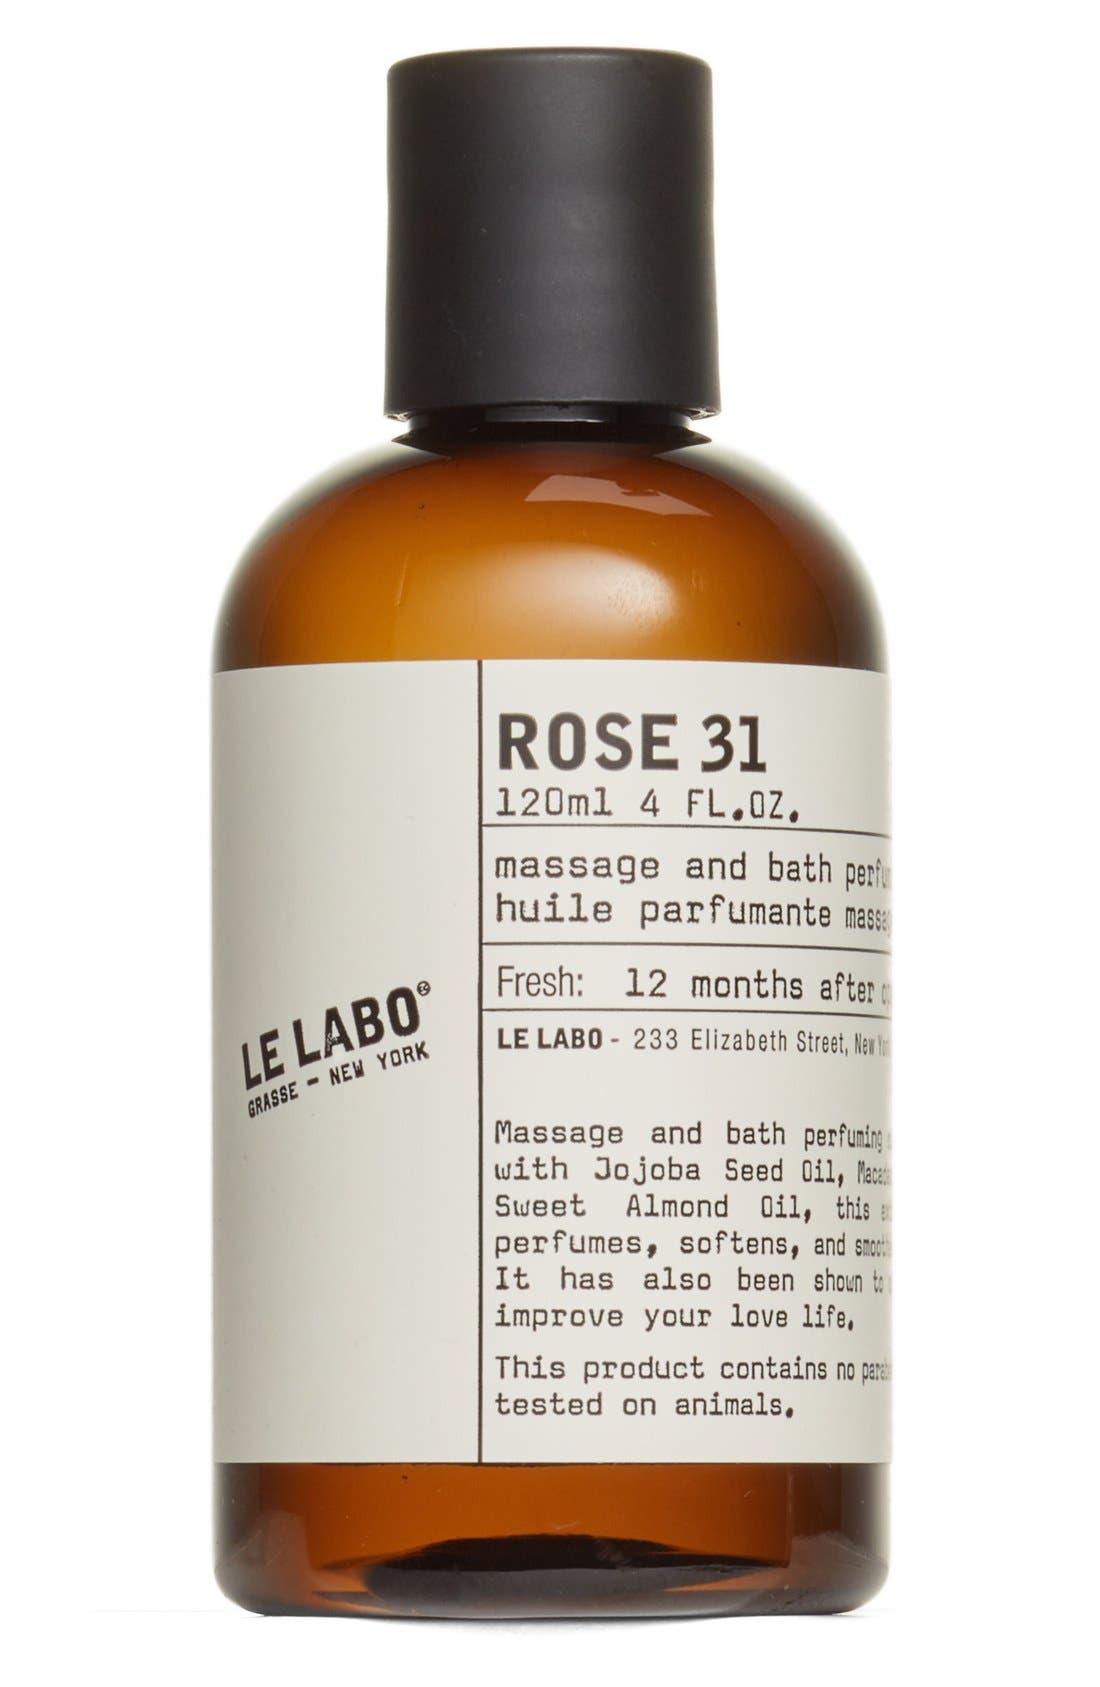 Le Labo 'Rose 31' Body Oil